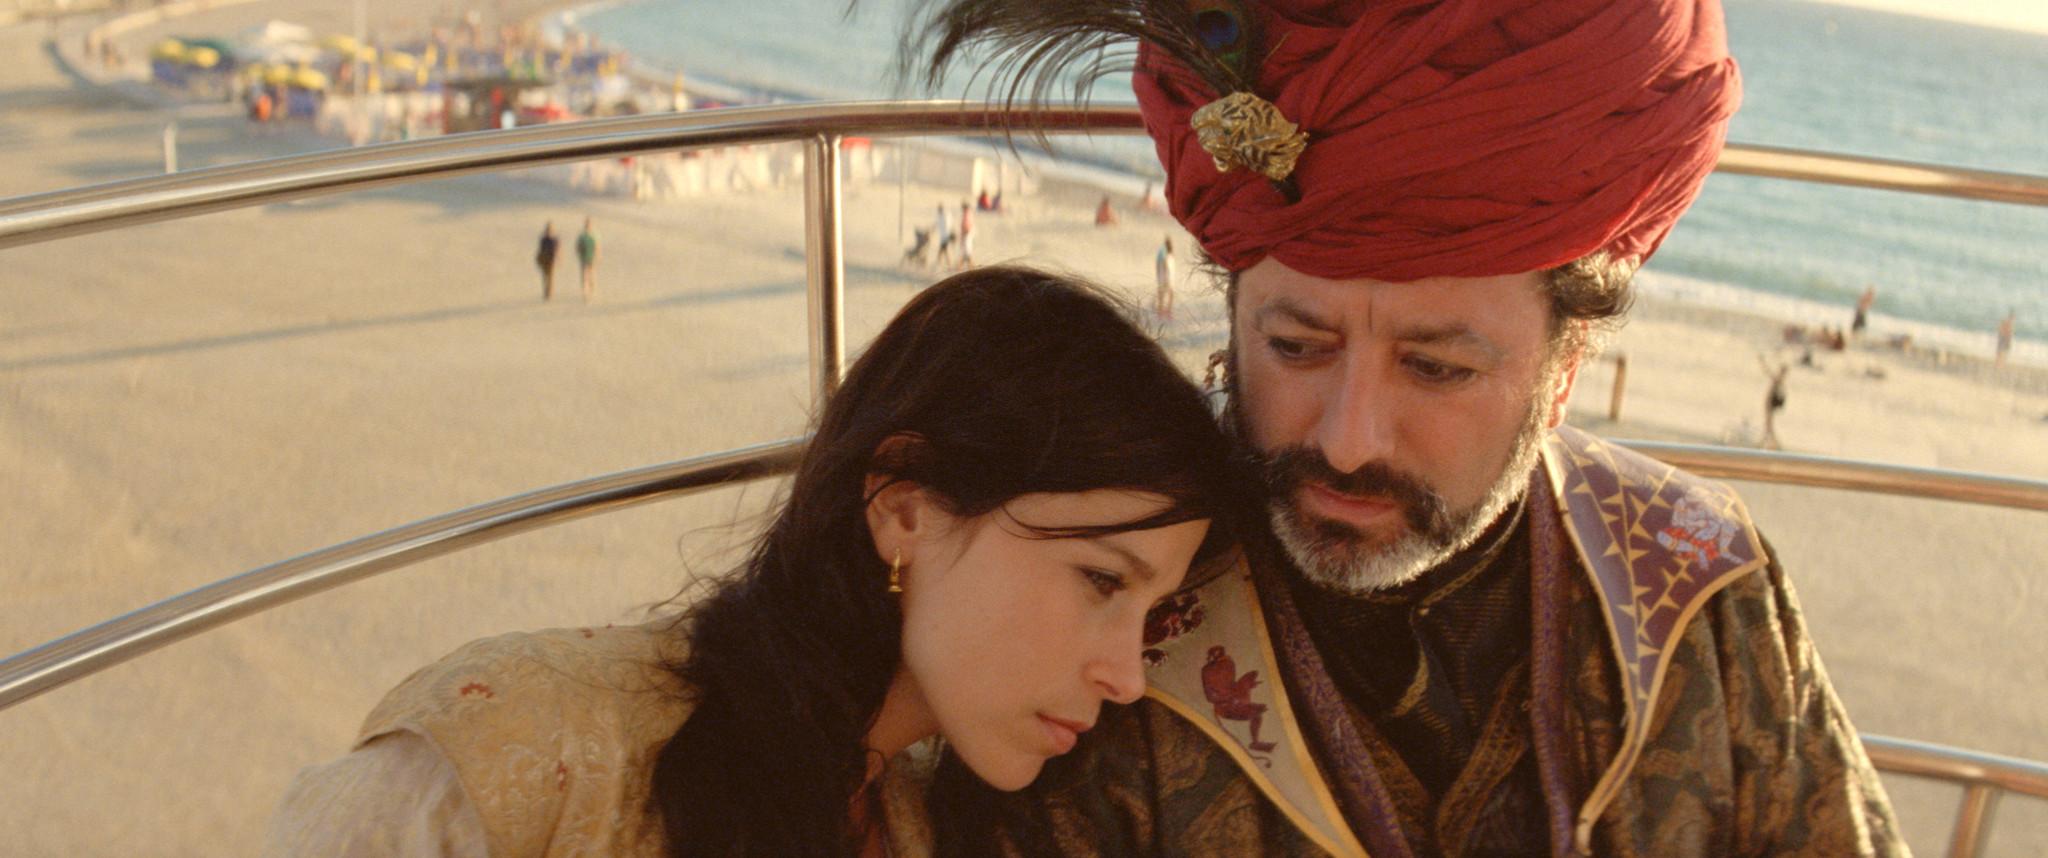 Arabian Nights - Volume 3: un'immagine del film di Miguel Gomes